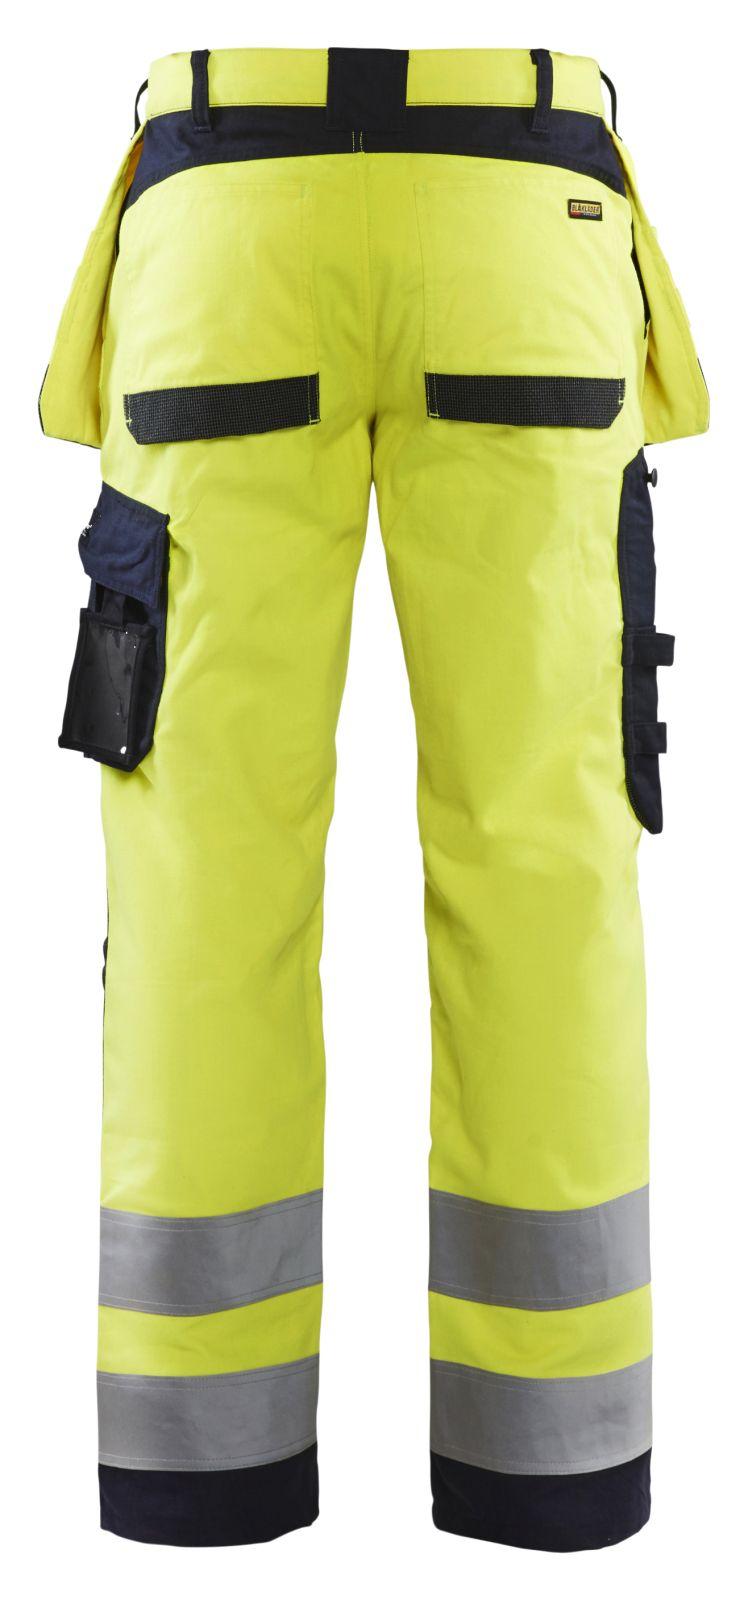 Blaklader Werkbroeken 15891512 Multinorm geel-marineblauw(3389)